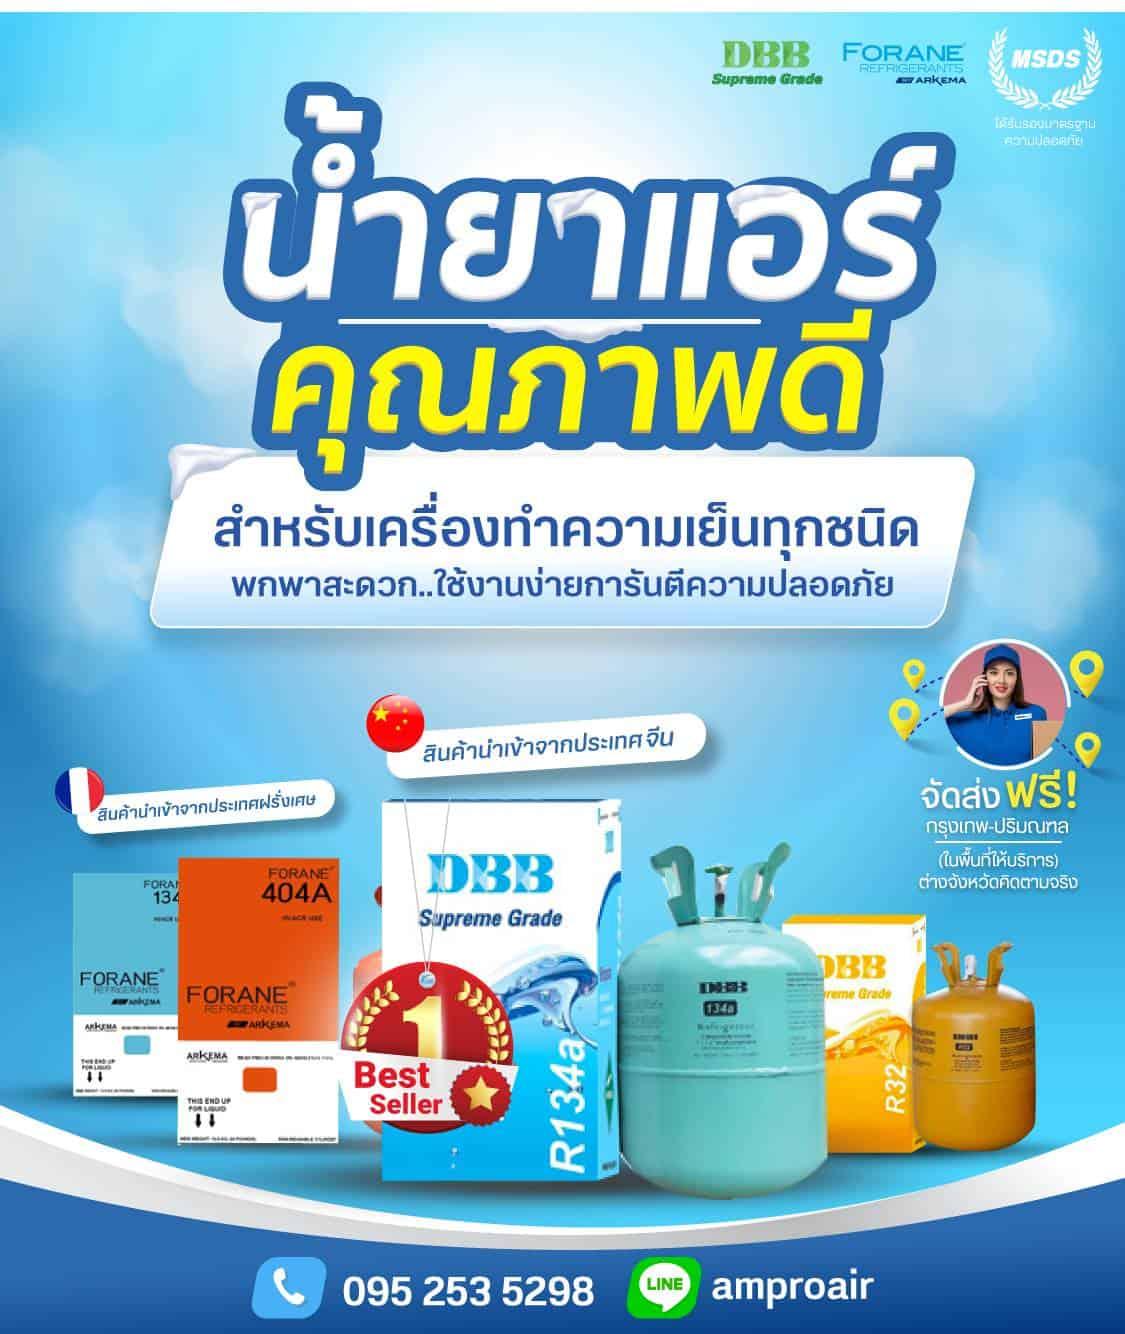 น้ำยาแอร์ ราคาประหยัดจัดส่งฟรี